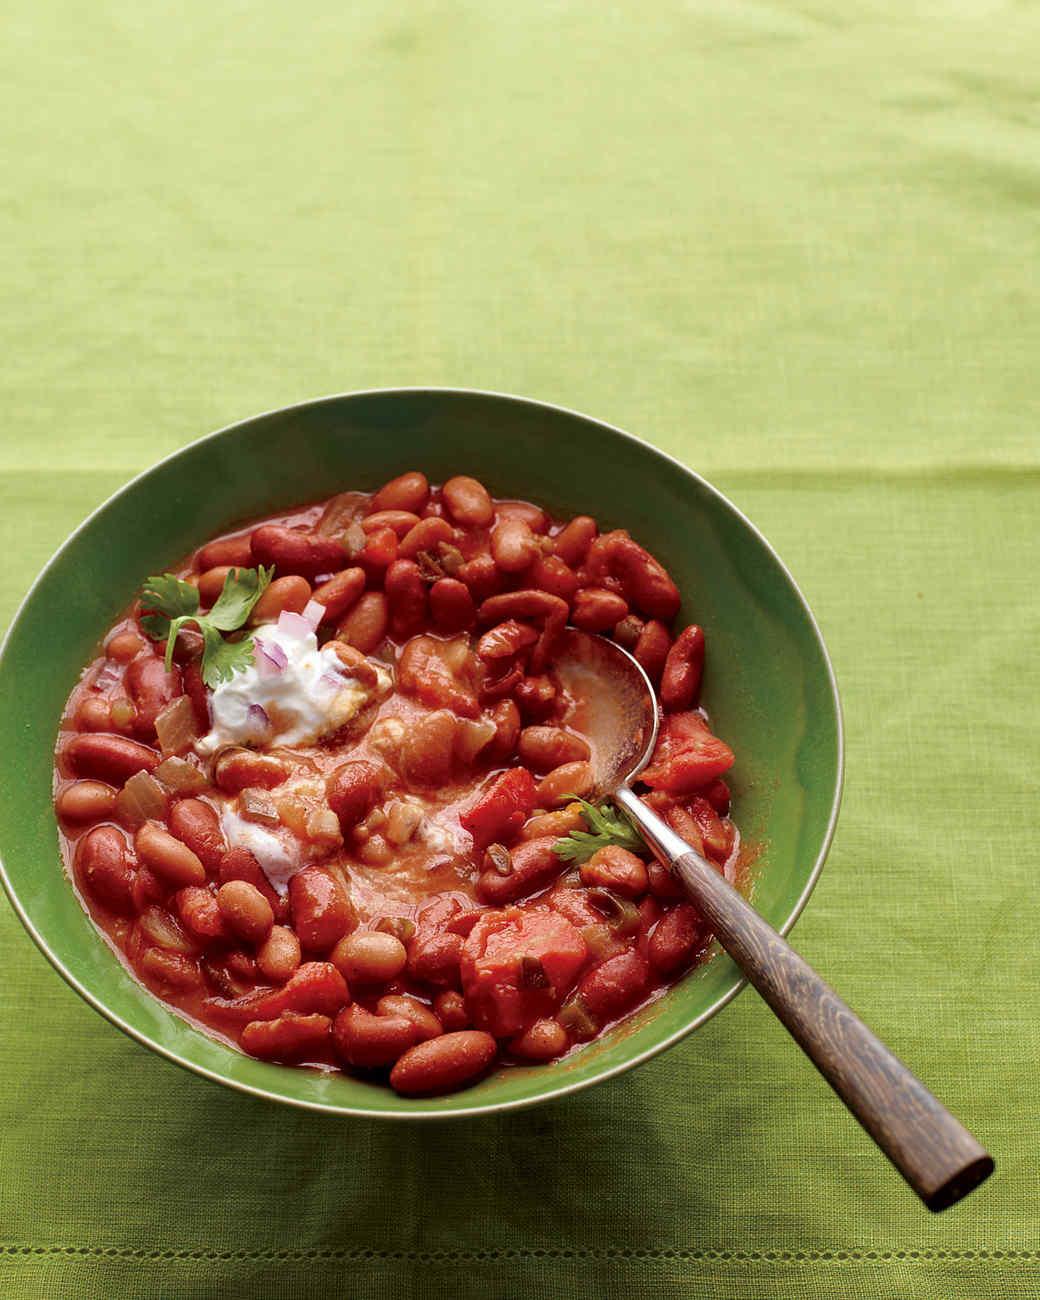 sam-vegetarian-bean-chili-med107508.jpg